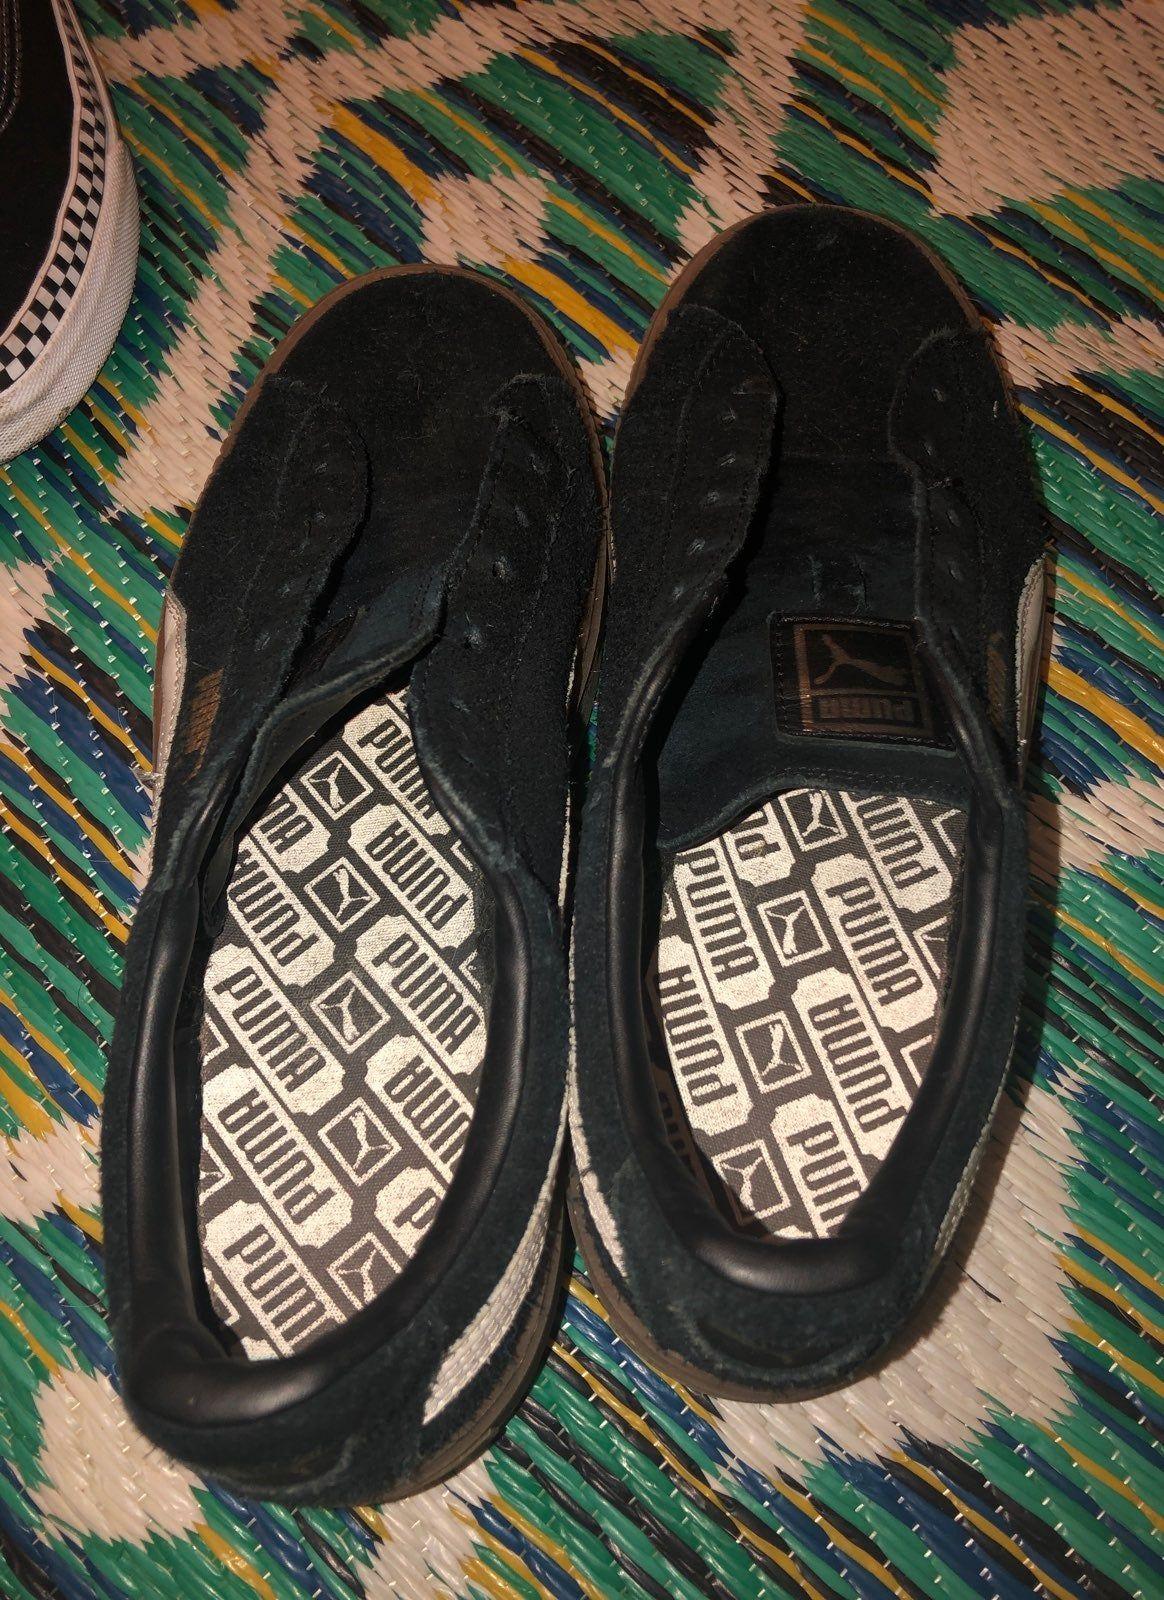 Black puma suedes. No shoe laces but